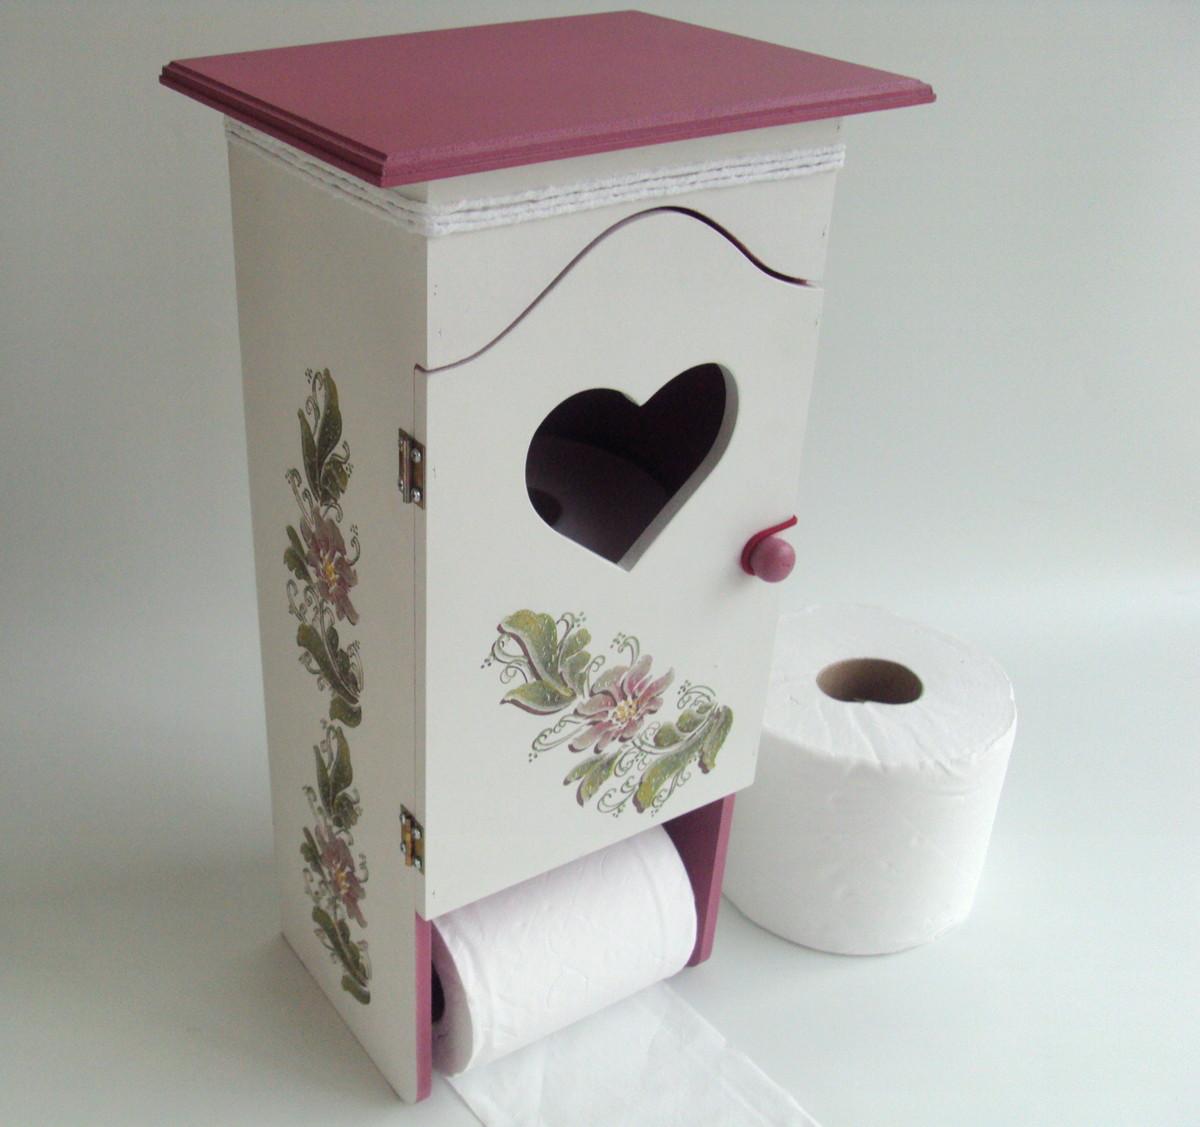 Porta papel higi nico atelier madeira e arte elo7 for Colgadores para papel higienico